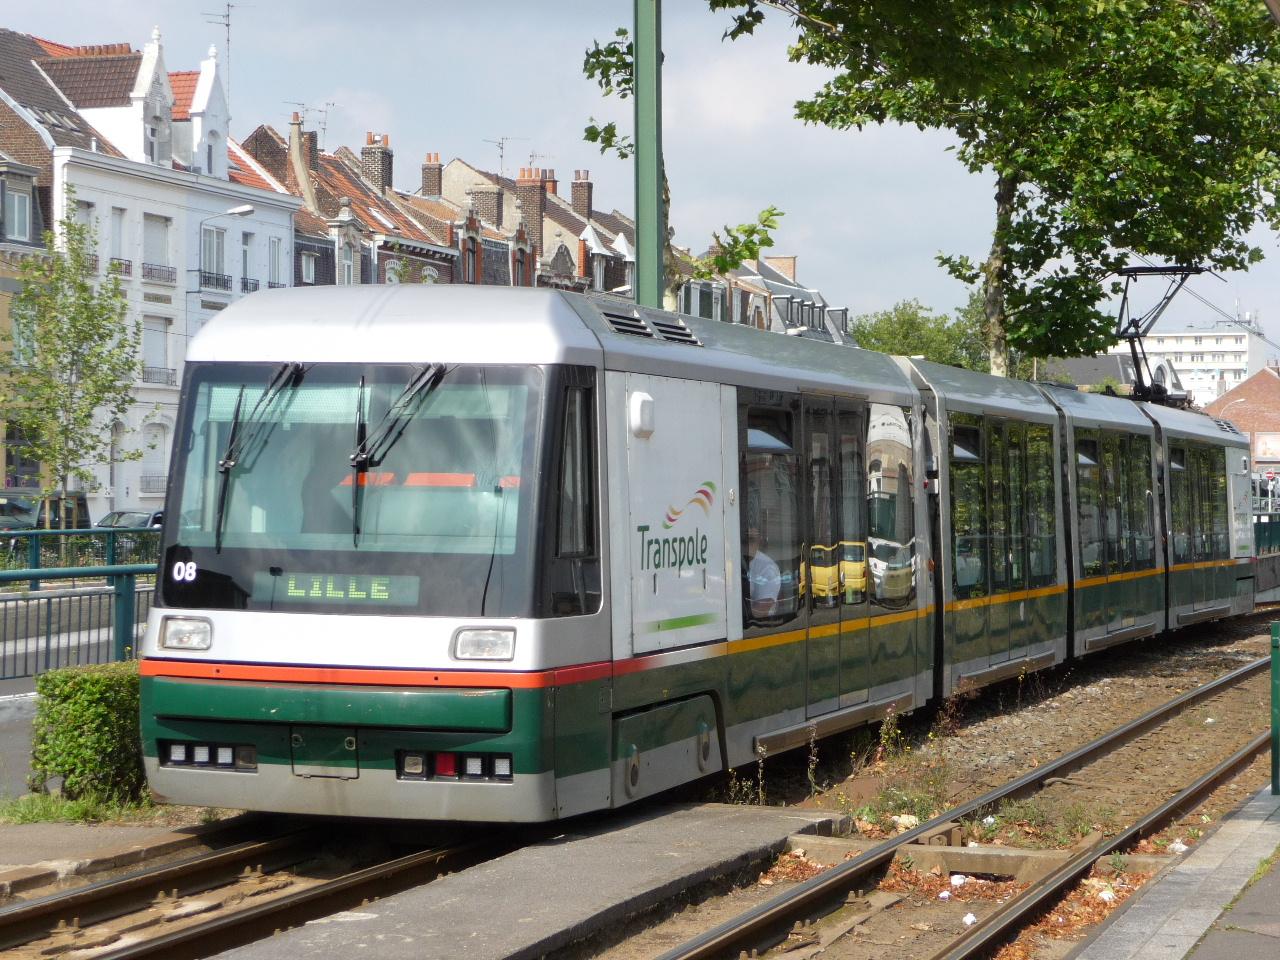 nouveaux horaires tramways et nouvelles navettes bus lille zoom sur lille. Black Bedroom Furniture Sets. Home Design Ideas